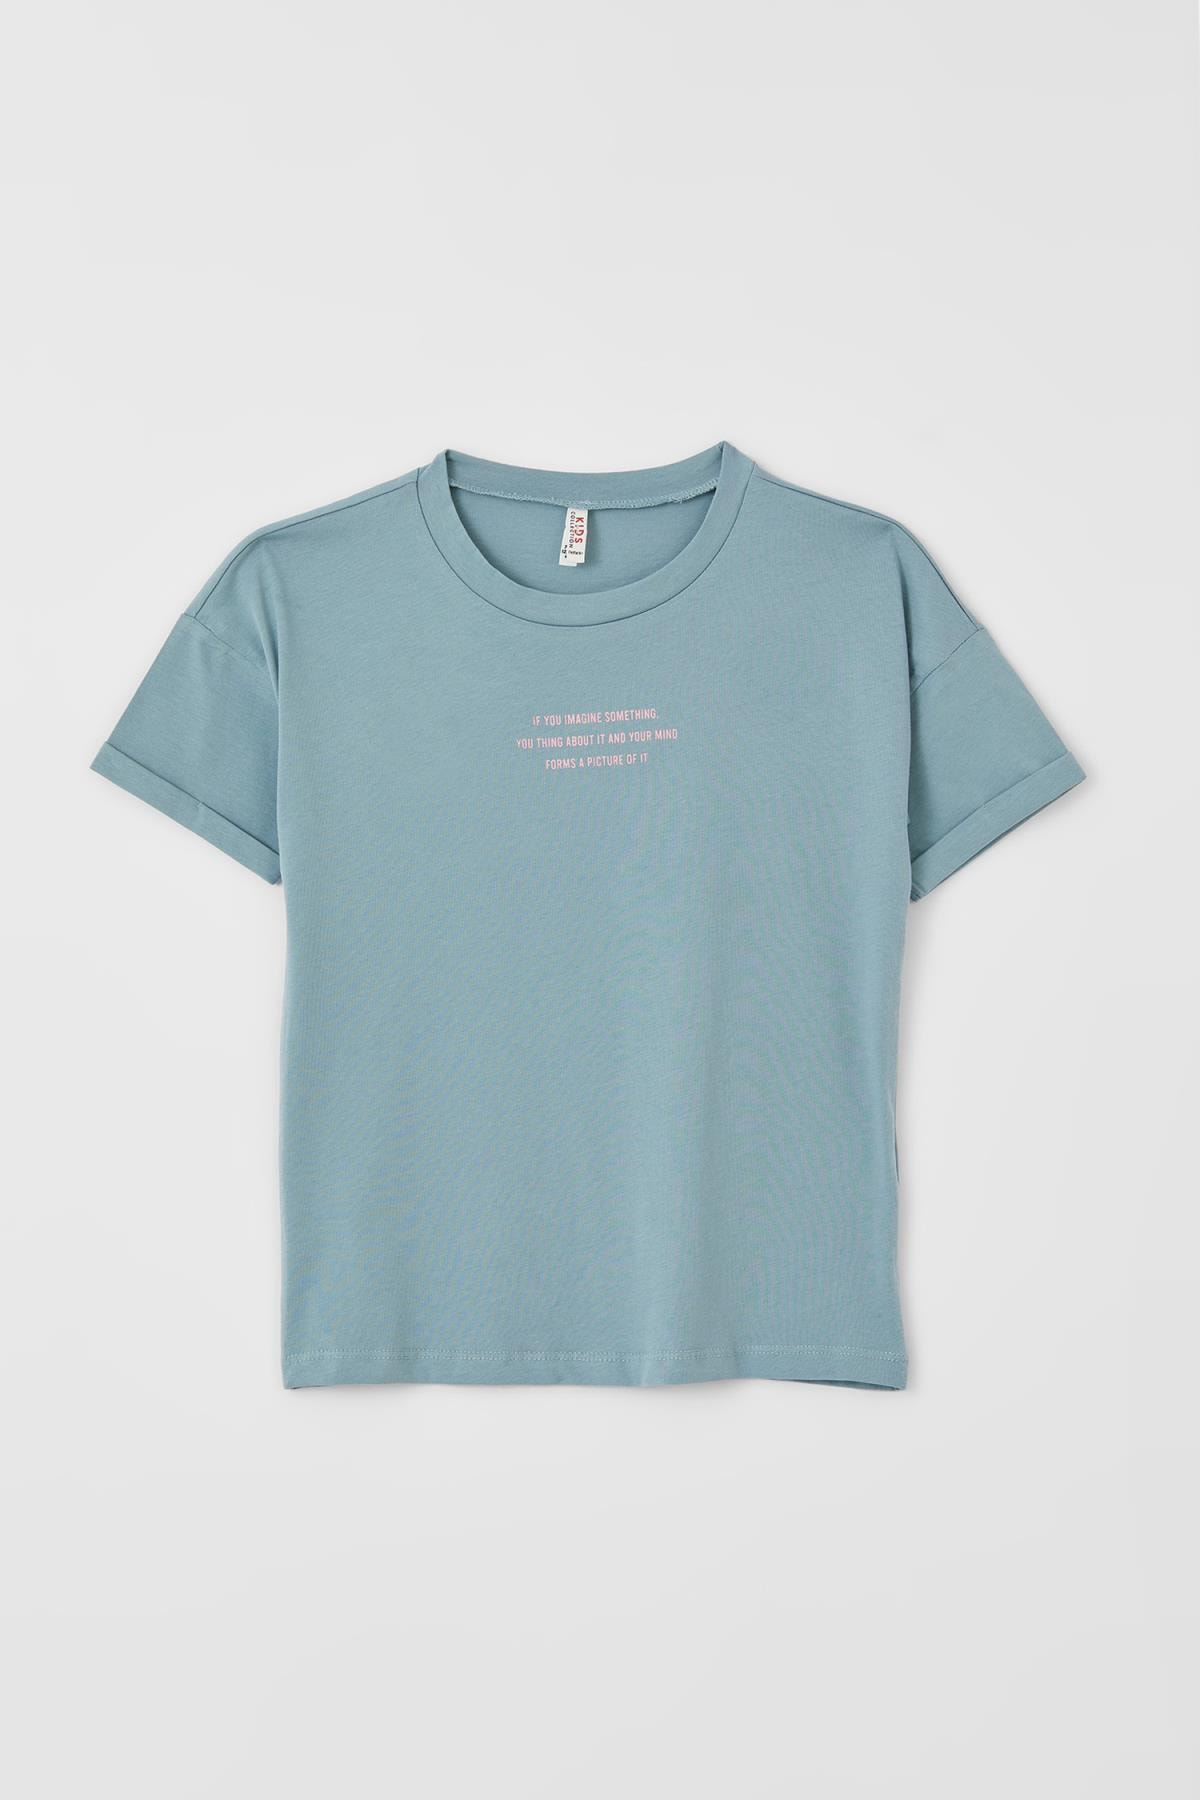 Kız Çocuk Sırt Baskılı Kısa Kollu Tişört